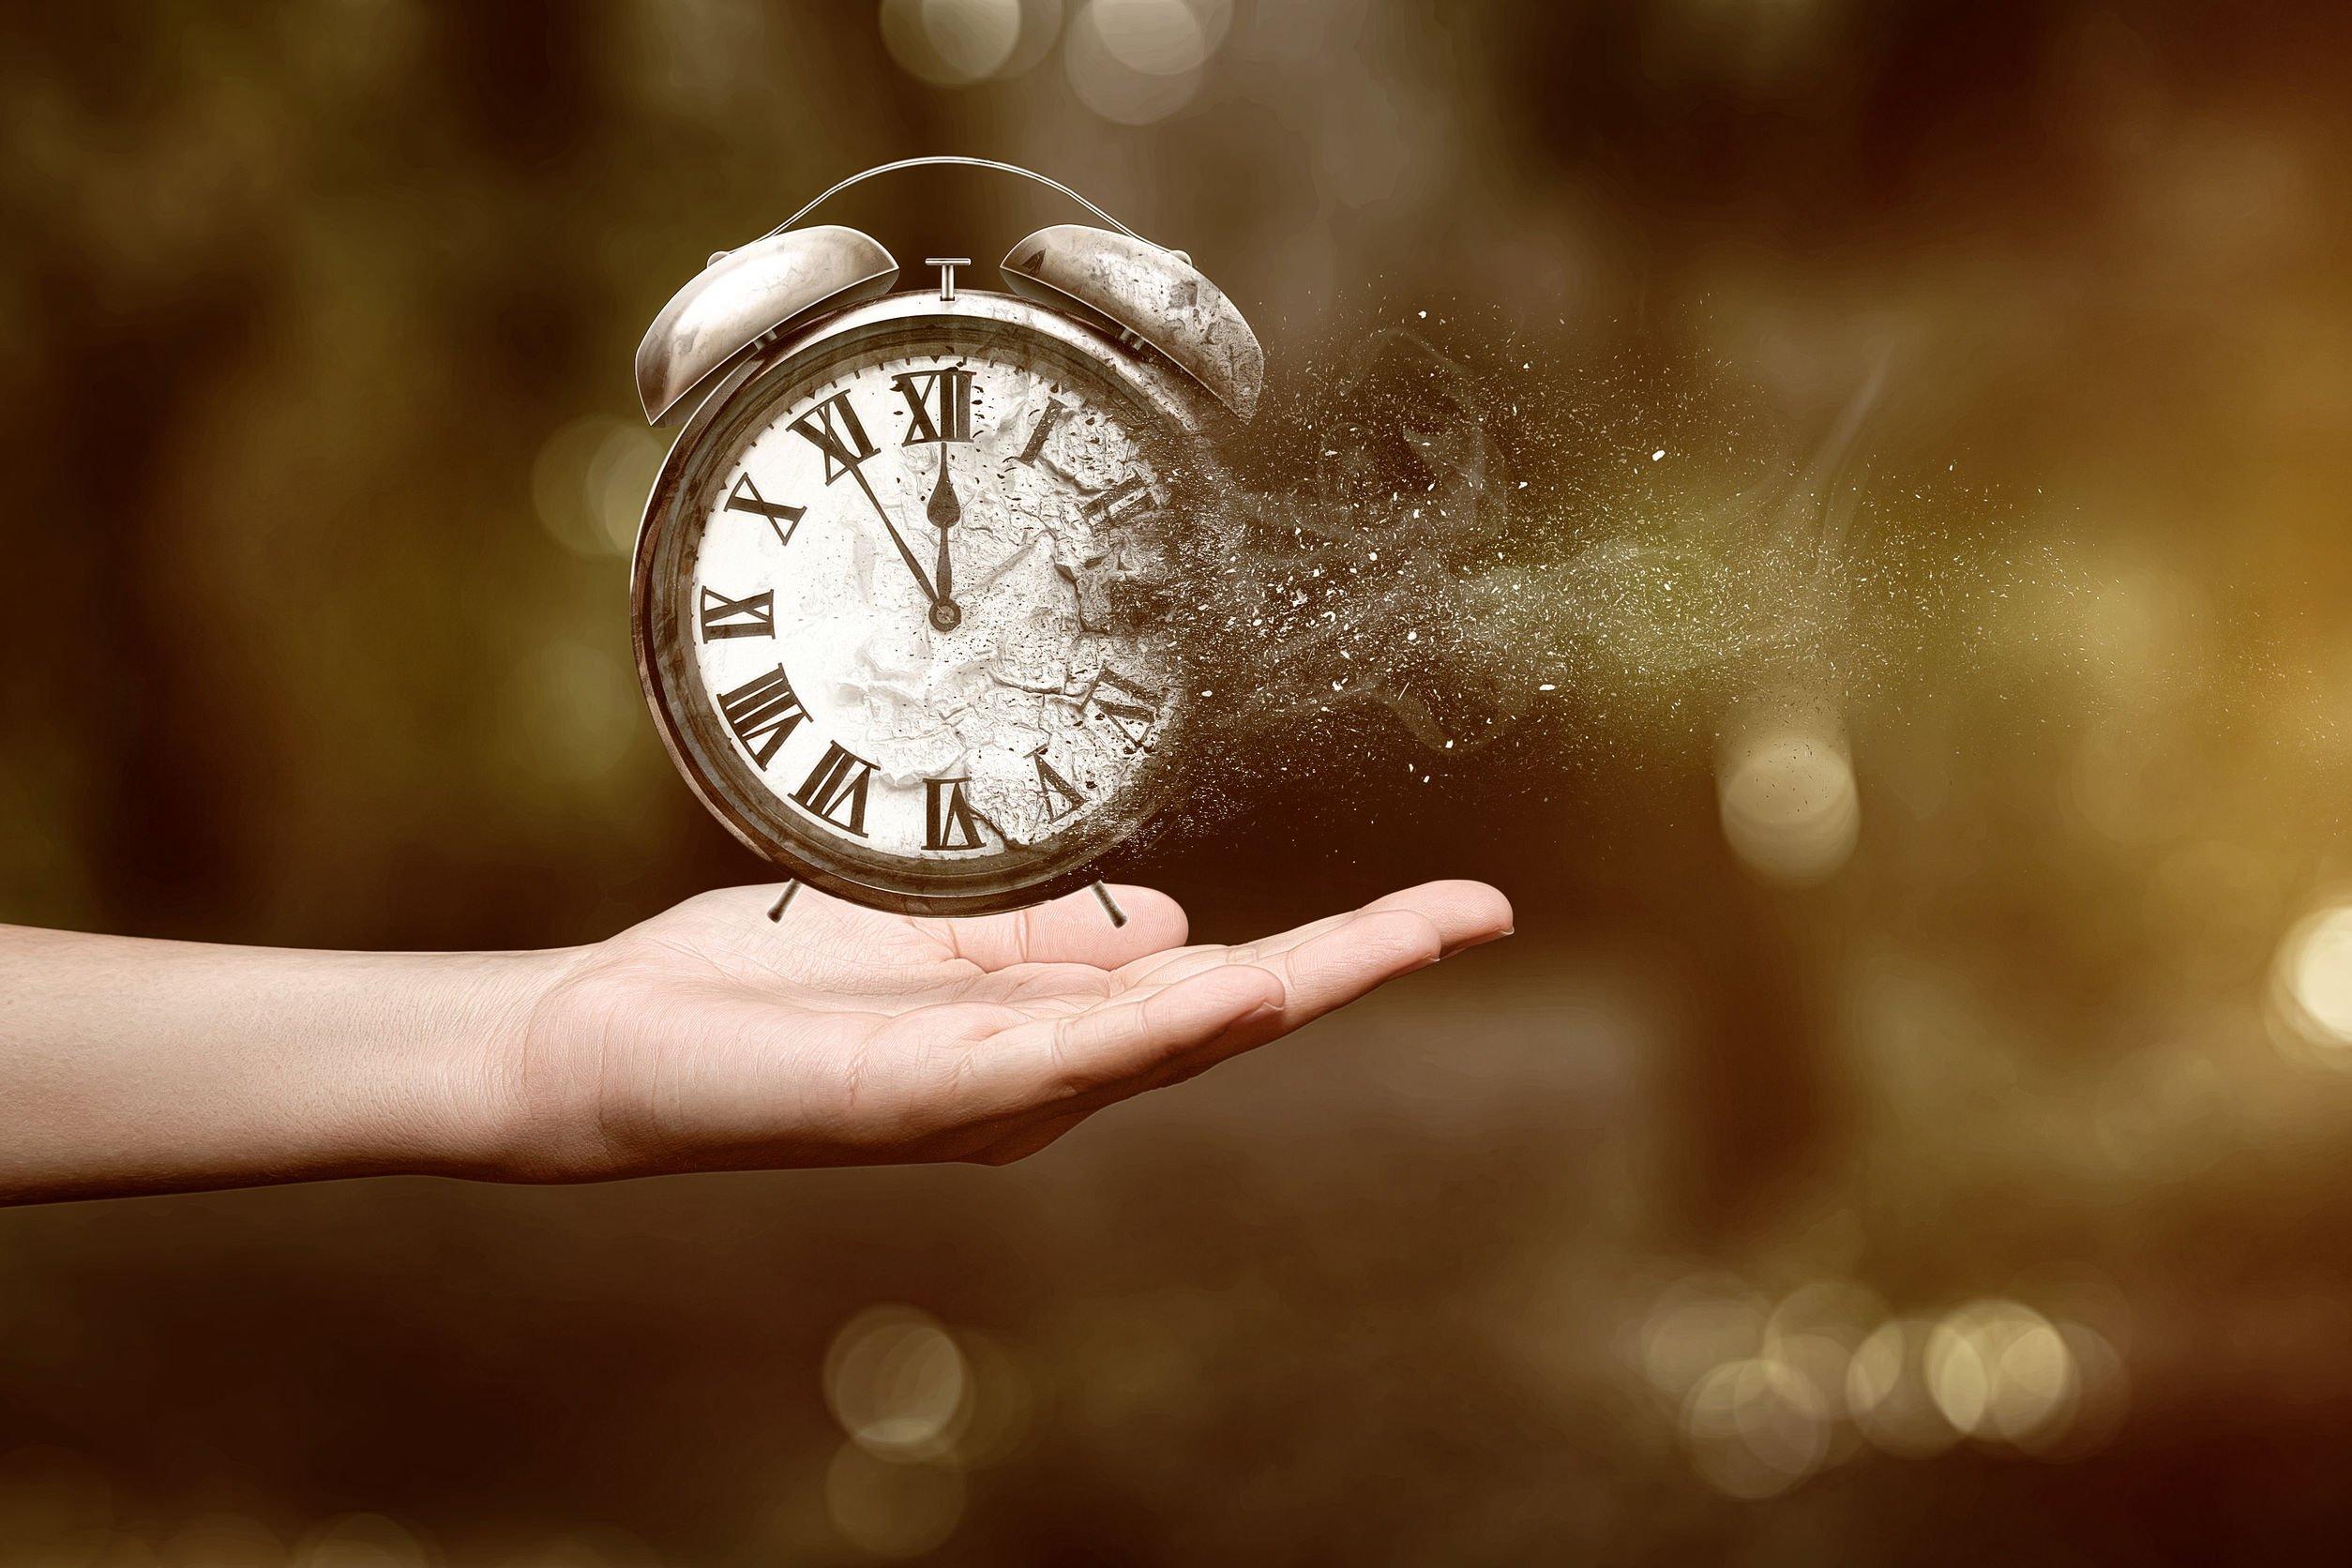 Foto de mão segurando relógio